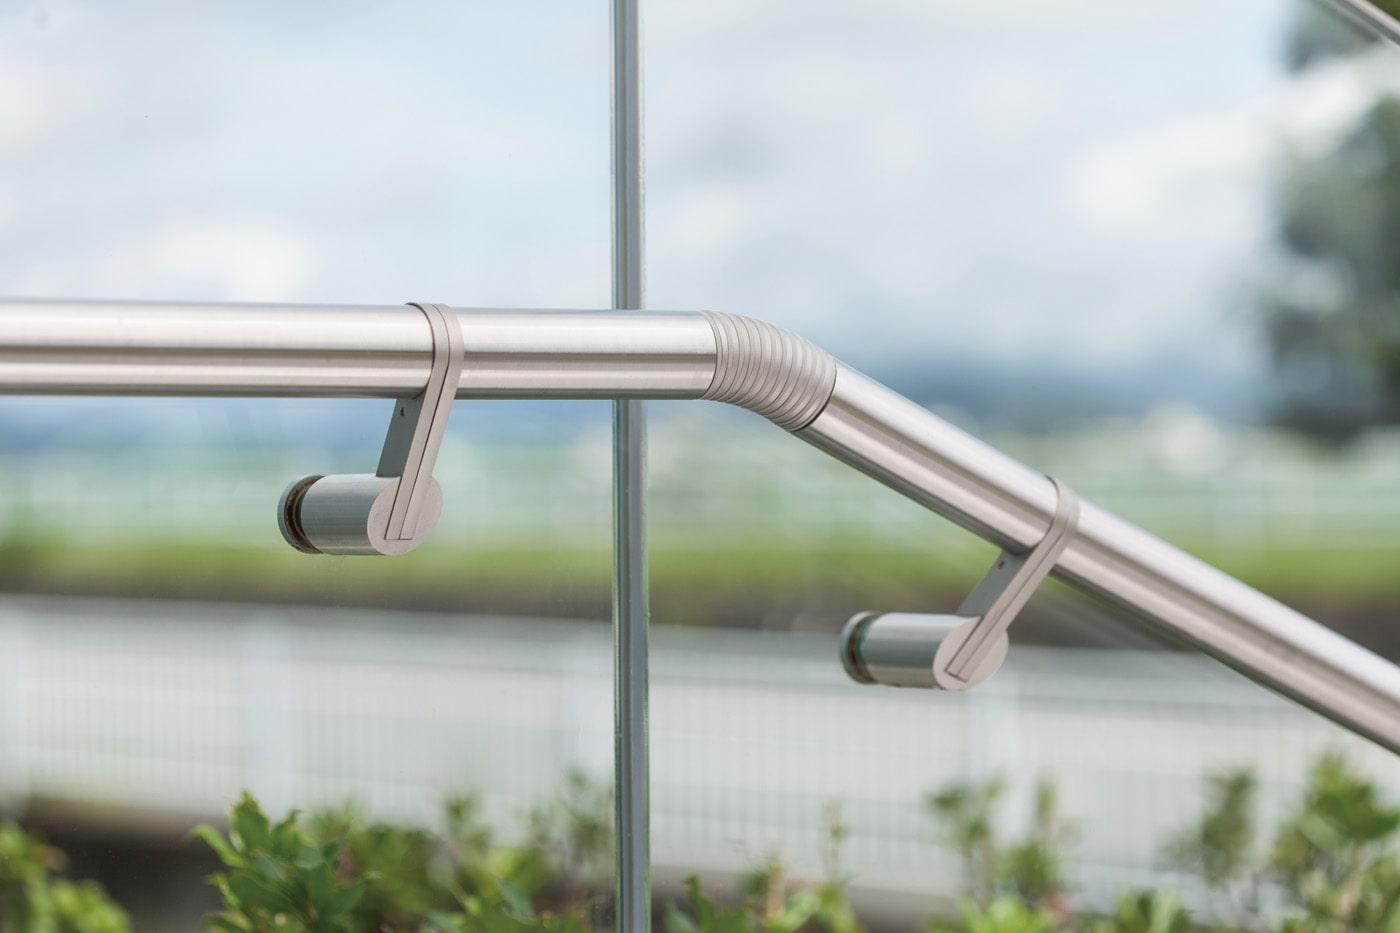 ハンドレール 14-6039型、14-6030型の施工例・採用事例